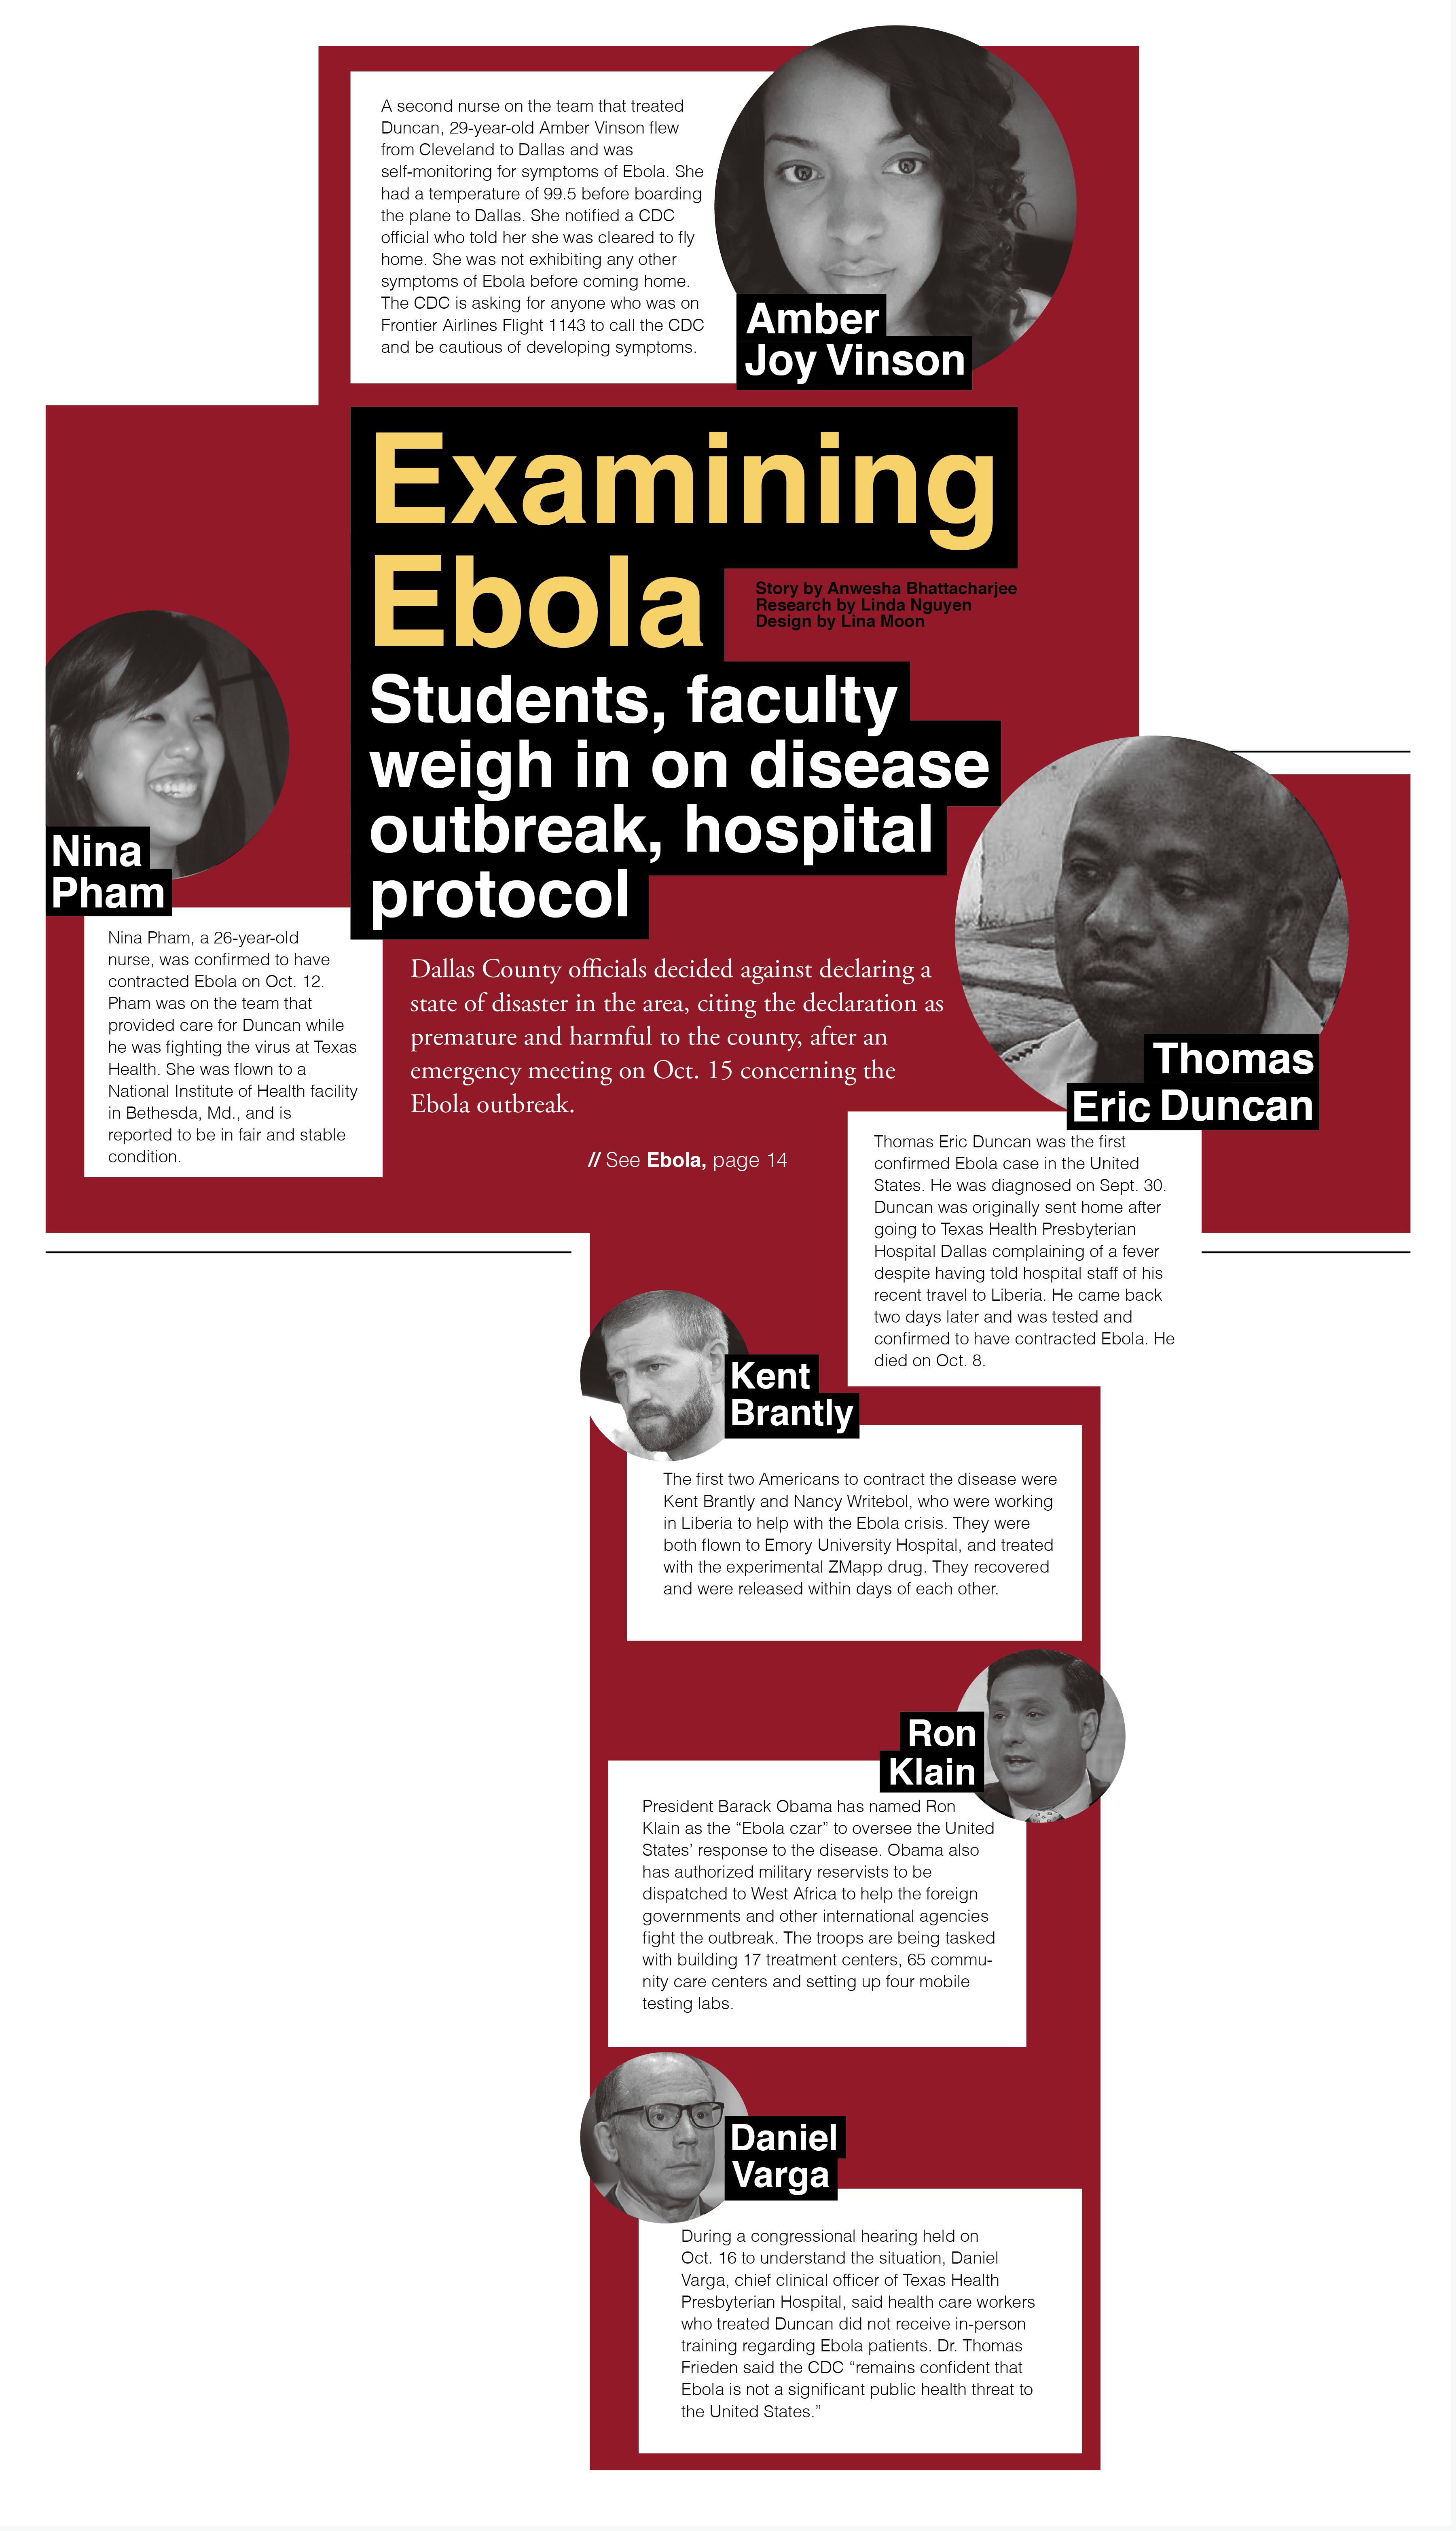 Examining Ebola